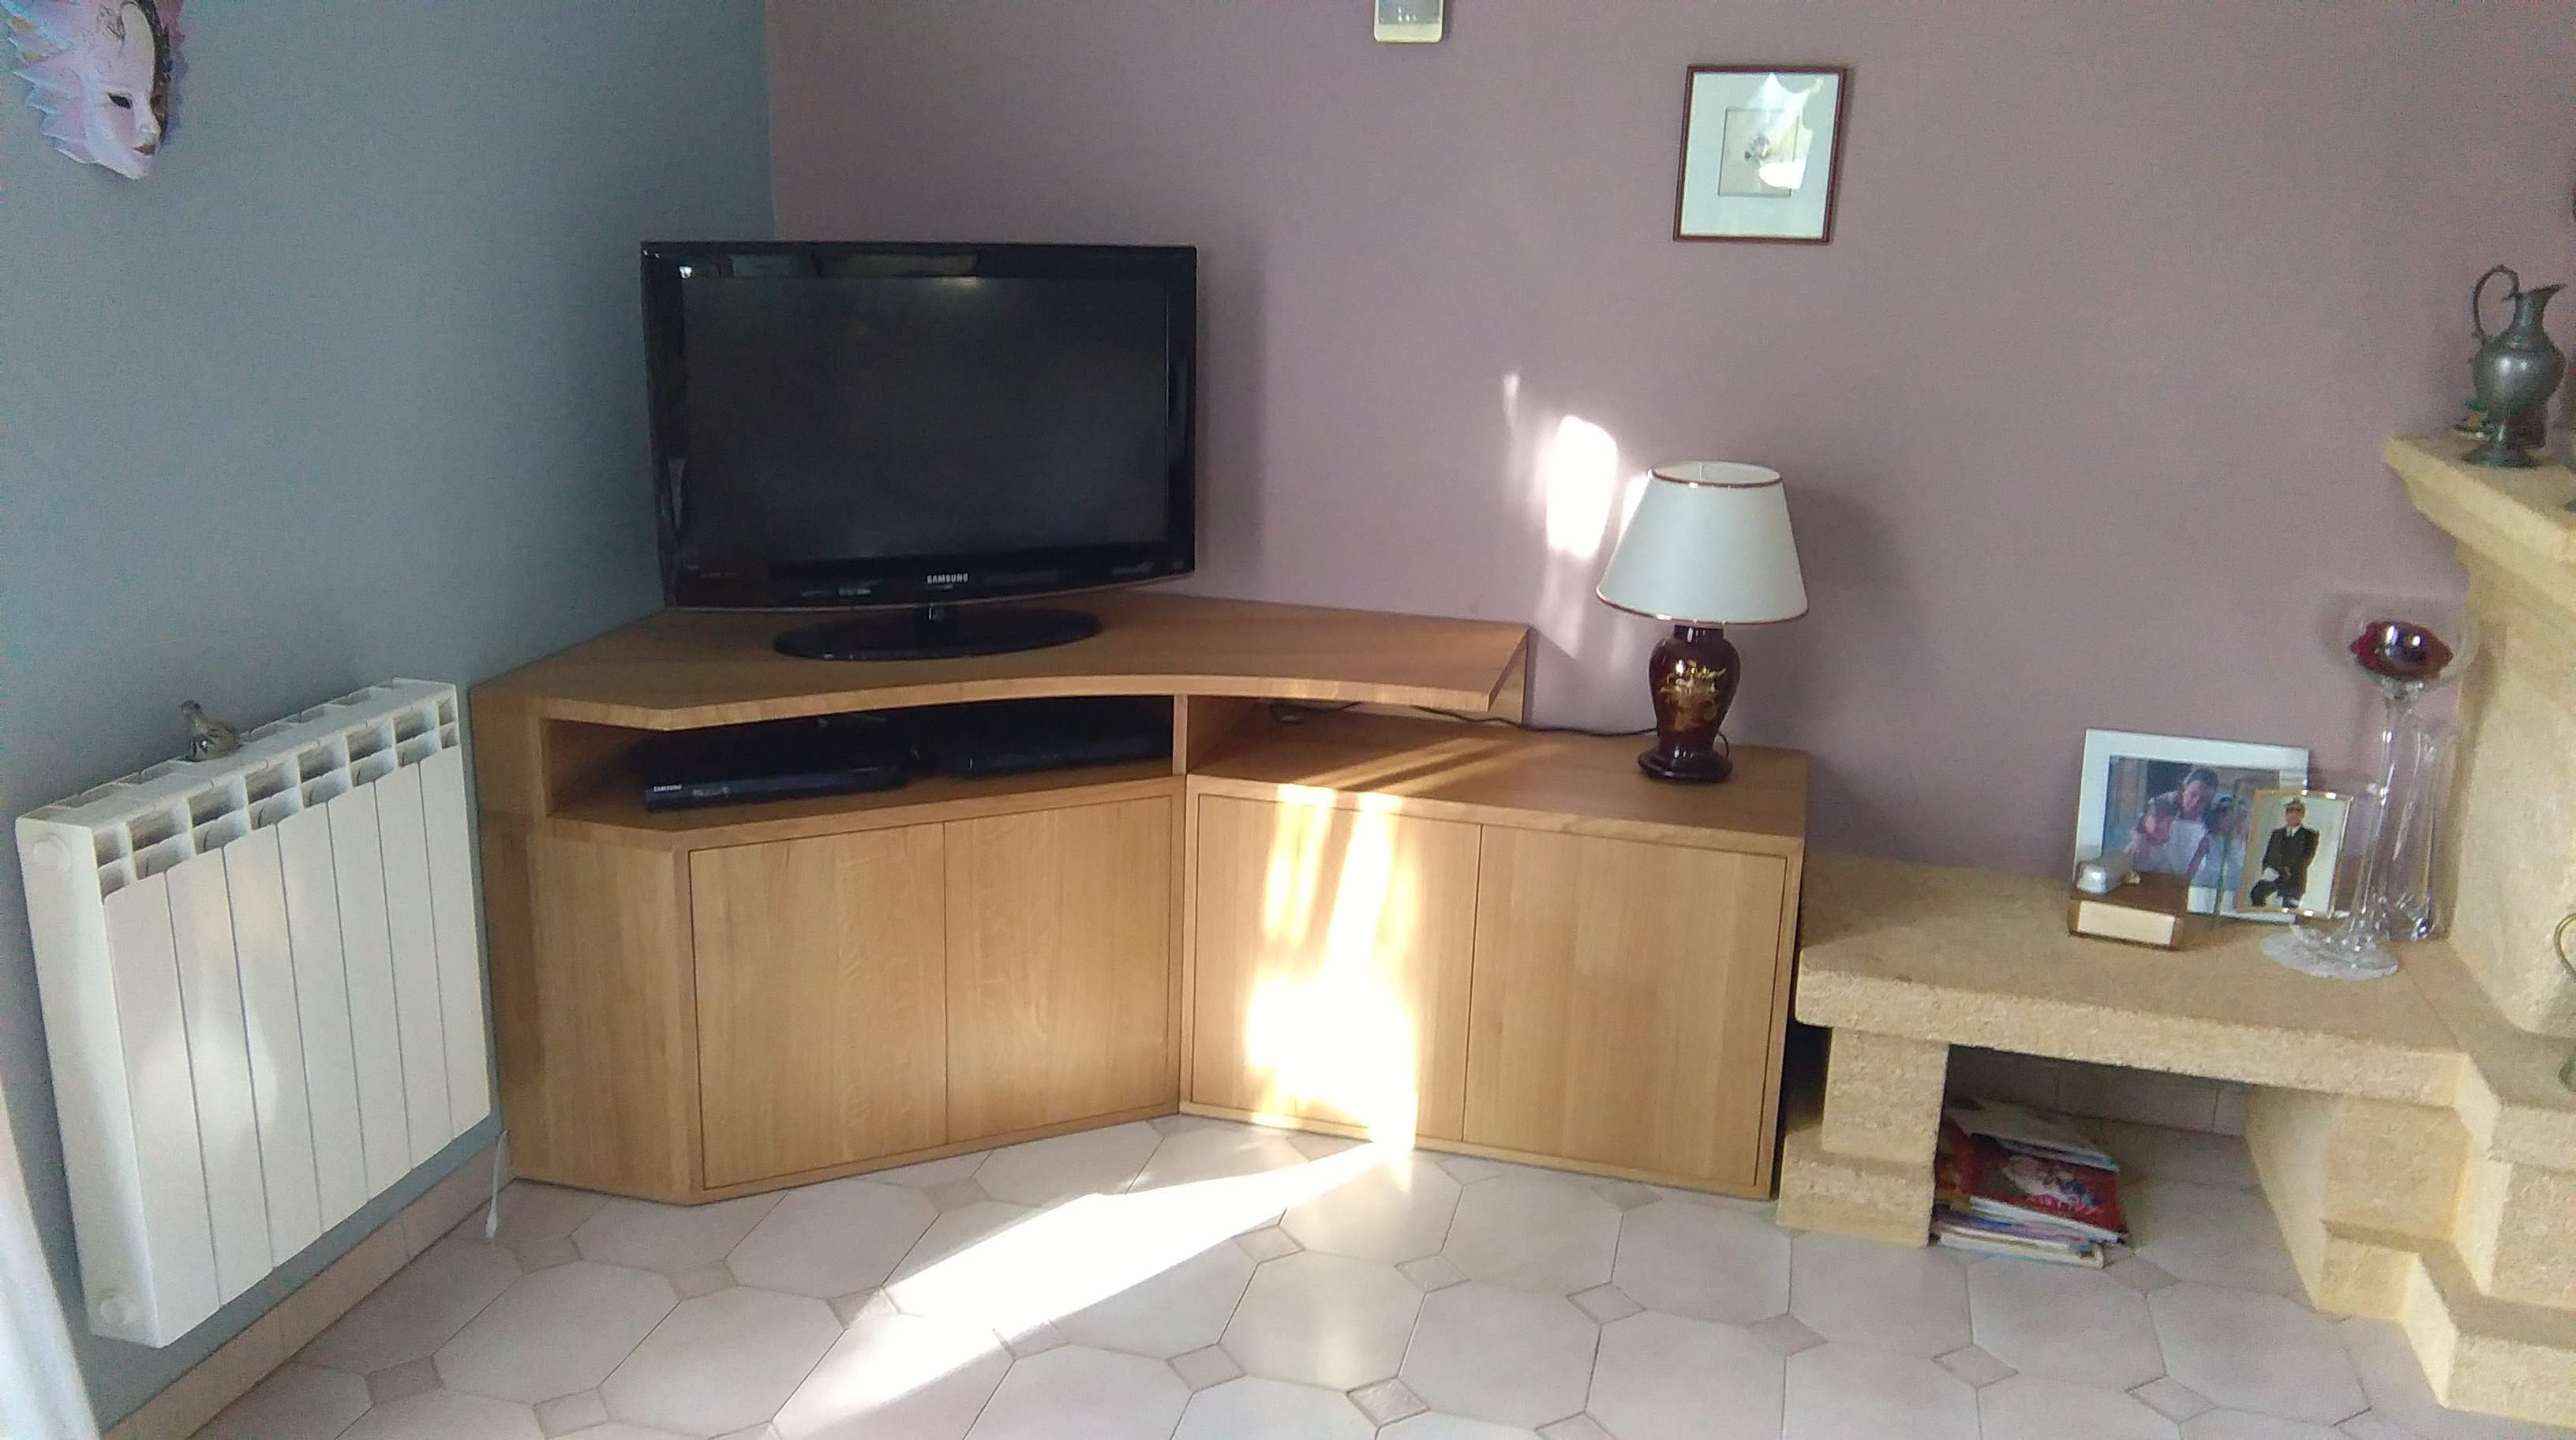 Meuble Tv Angle Bas conception et fabrication d'un meuble tv d'angle sur mesure